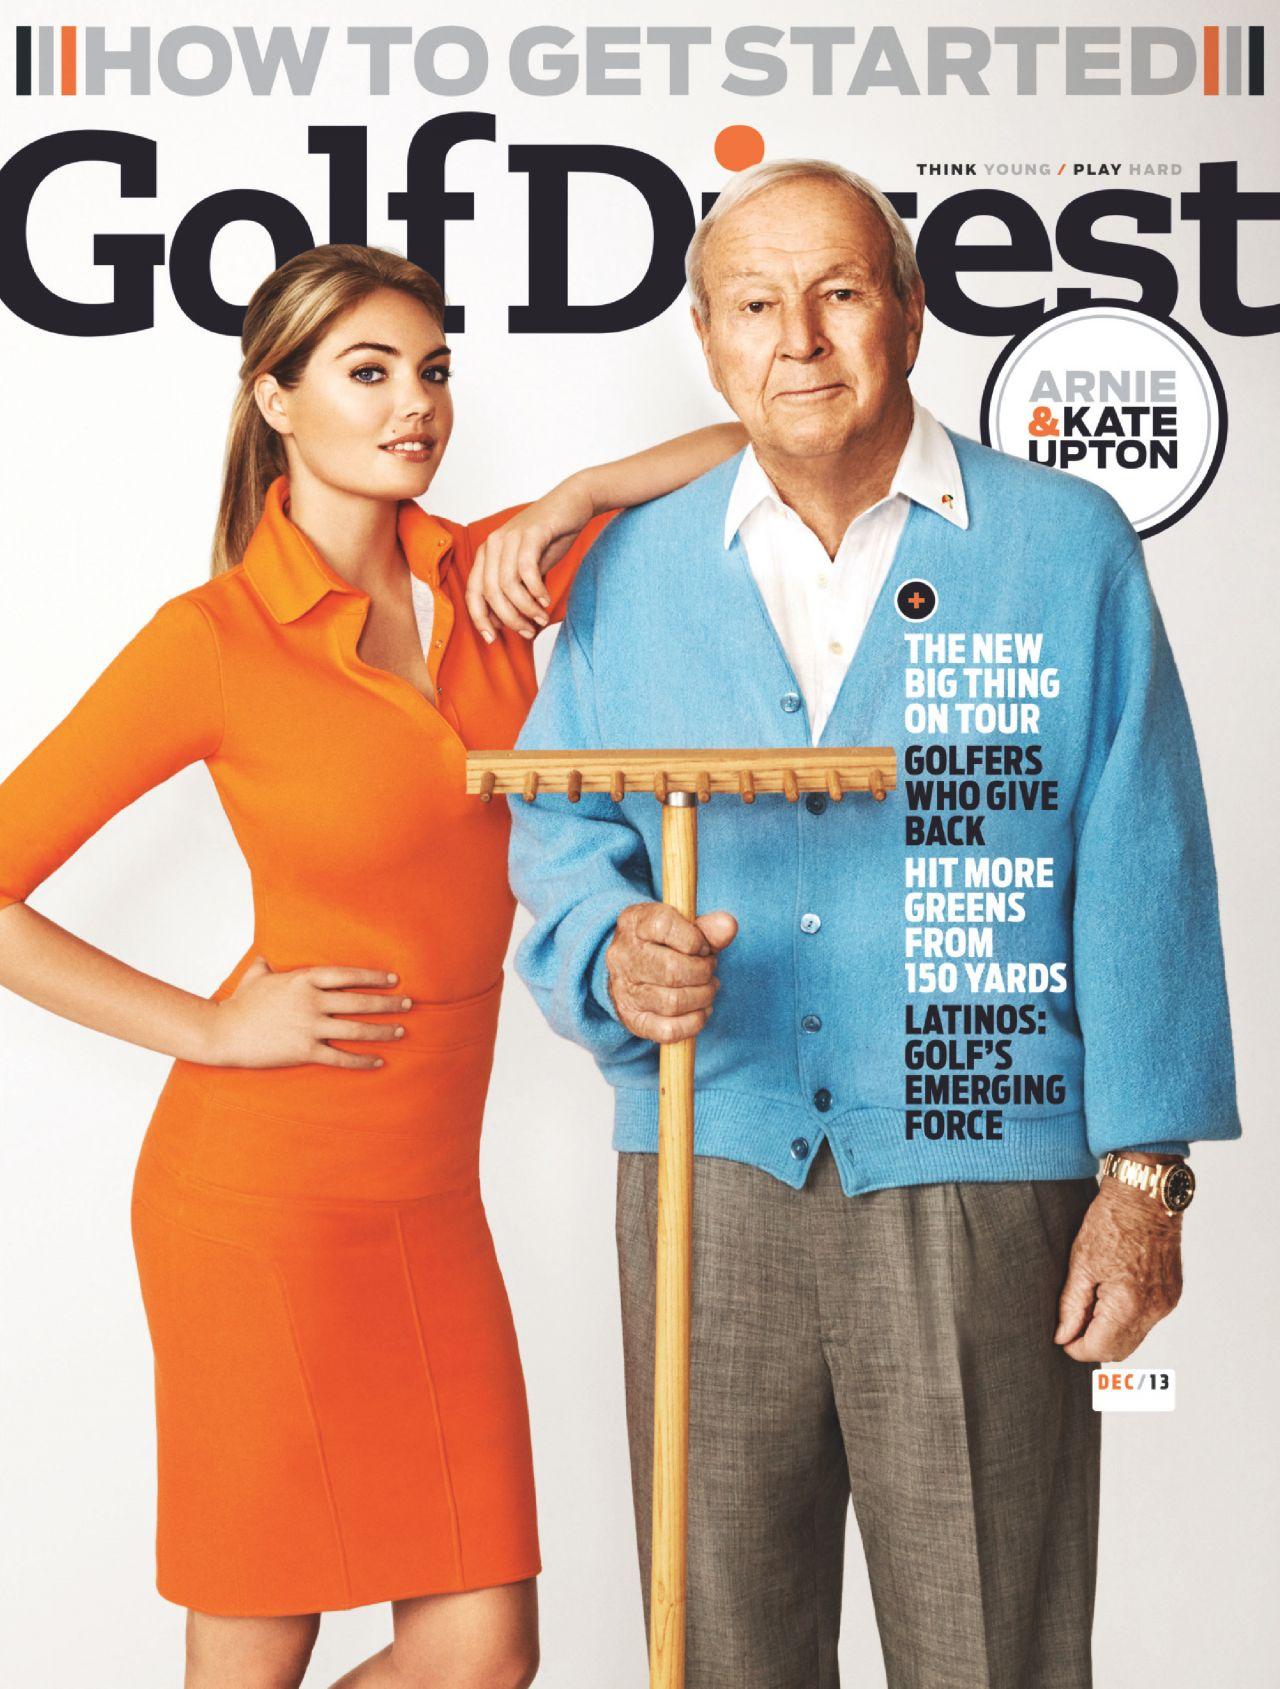 Kate Upton - GOLF DIGEST Magazine - December 2013 Issue